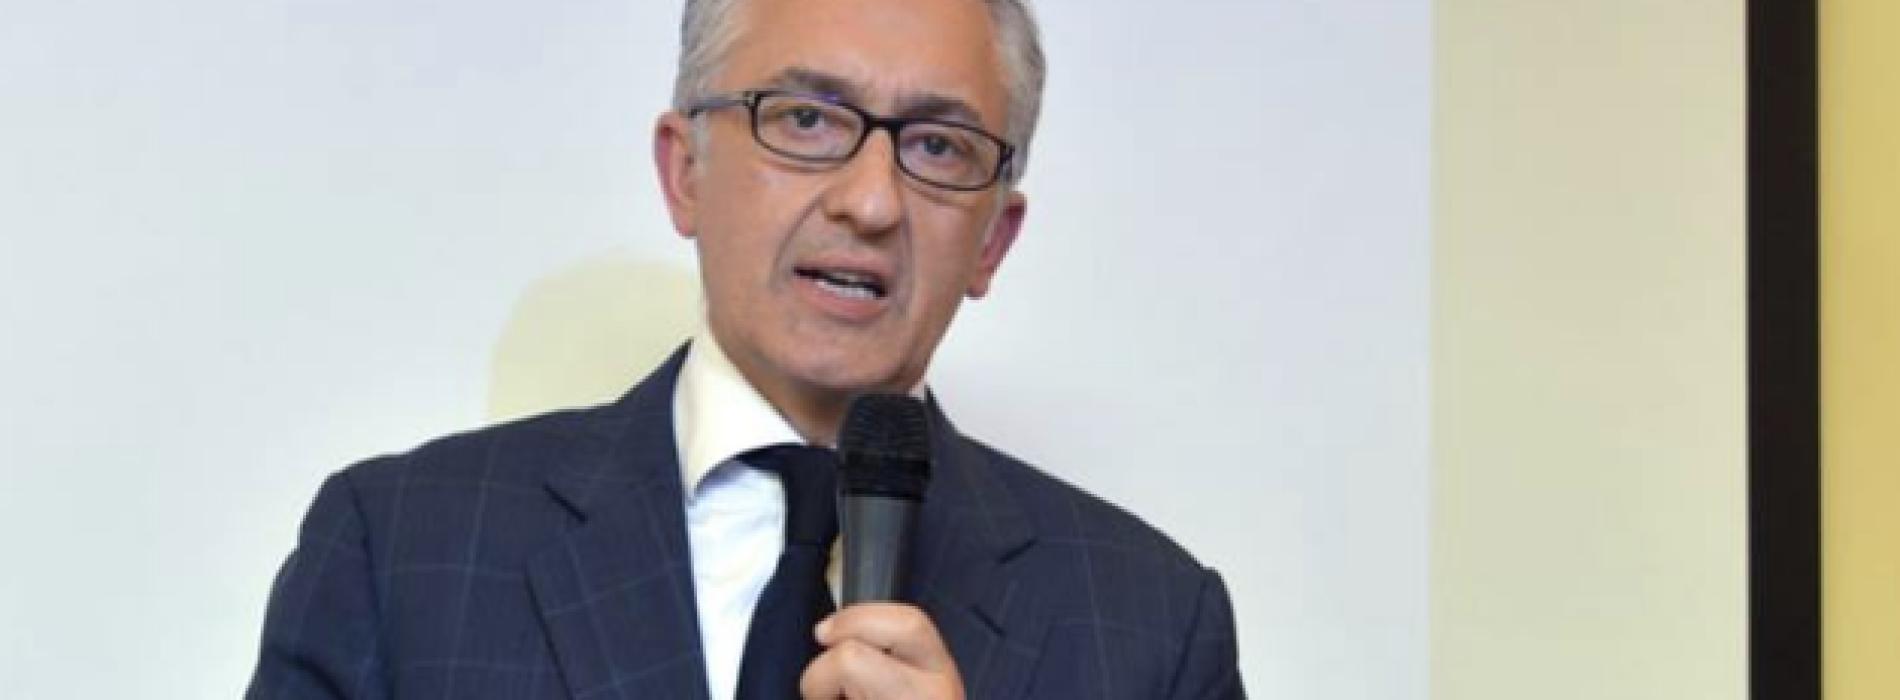 Elezioni Caserta. Marino: al ballottaggio con oltre 11mila voti più dello sfidante